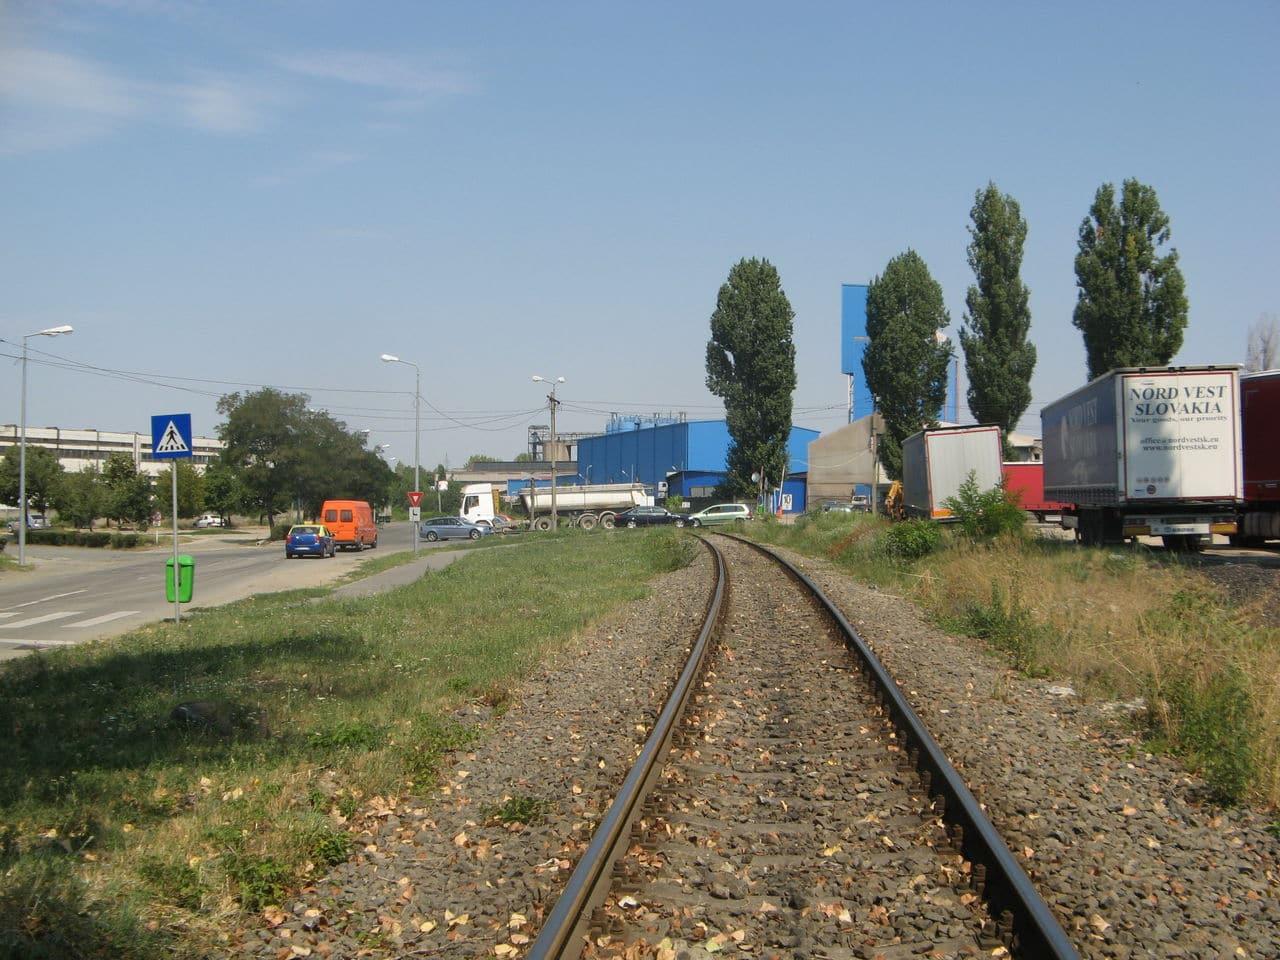 Calea ferată directă Oradea Vest - Episcopia Bihor IMG_0039